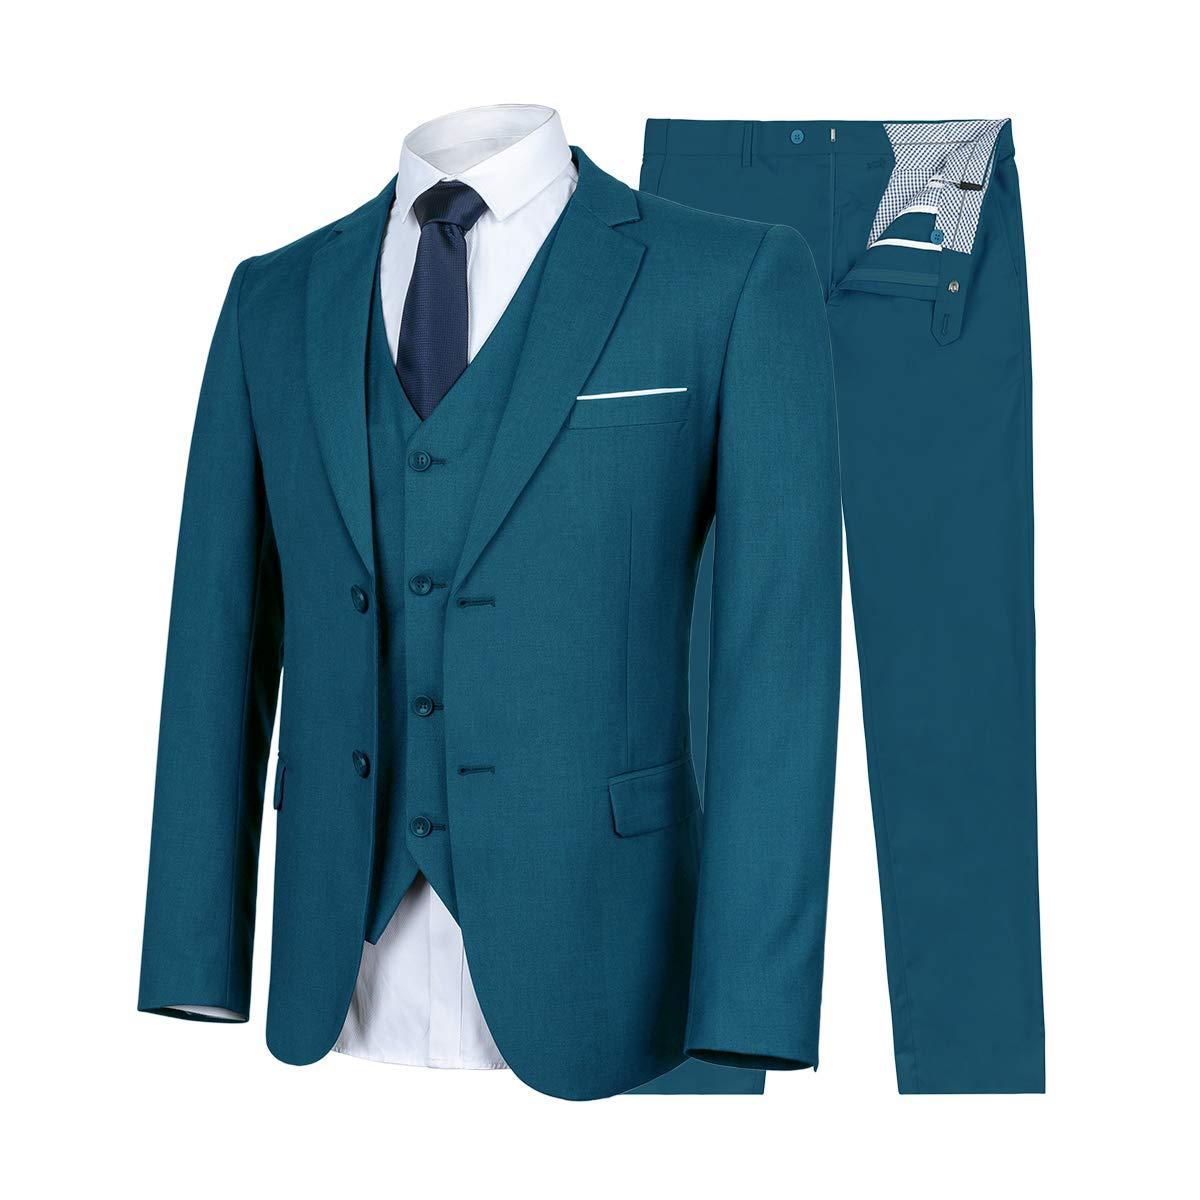 9fb647cf7237 WULFUL Men's Suit Slim Fit 3 Piece Suit Blazer Two.